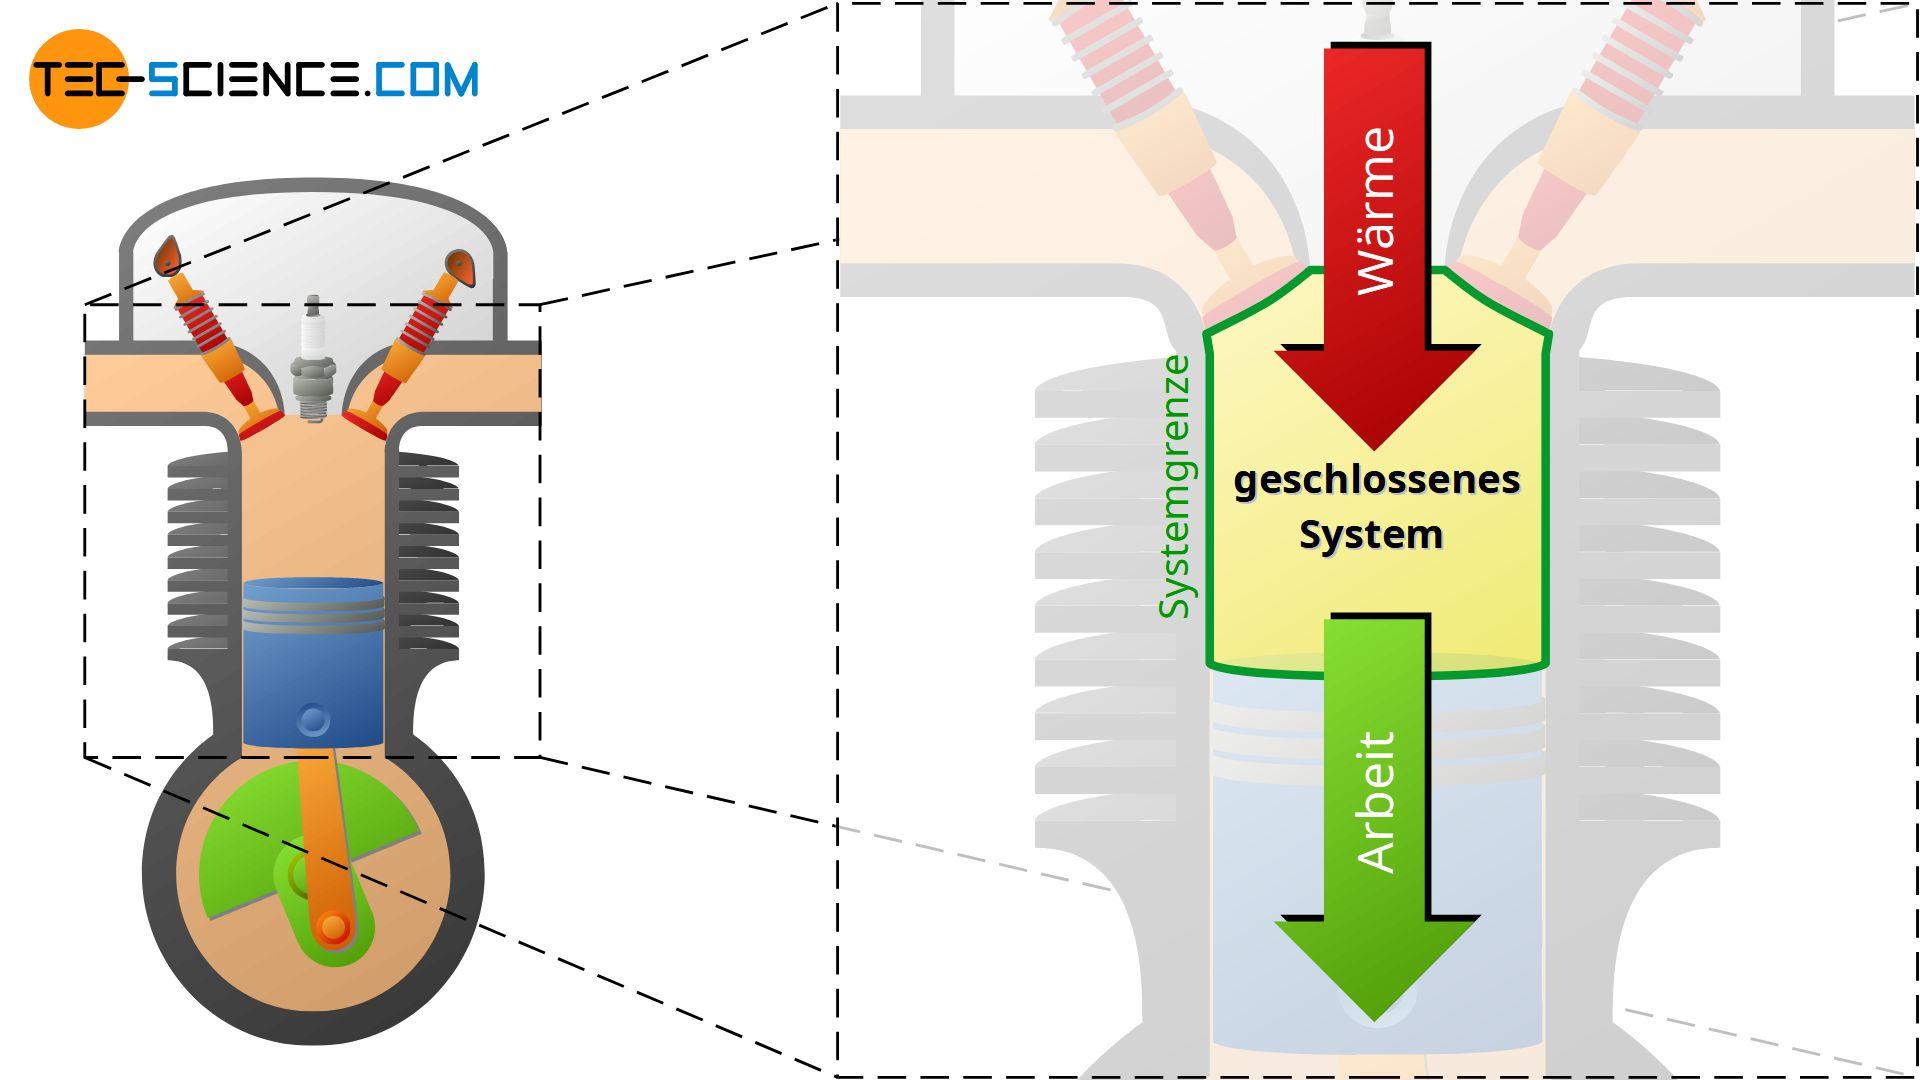 4-Takt-Verbrennungsmotor während der Kompression und Expansion als Beispiel für ein geschlossenes System